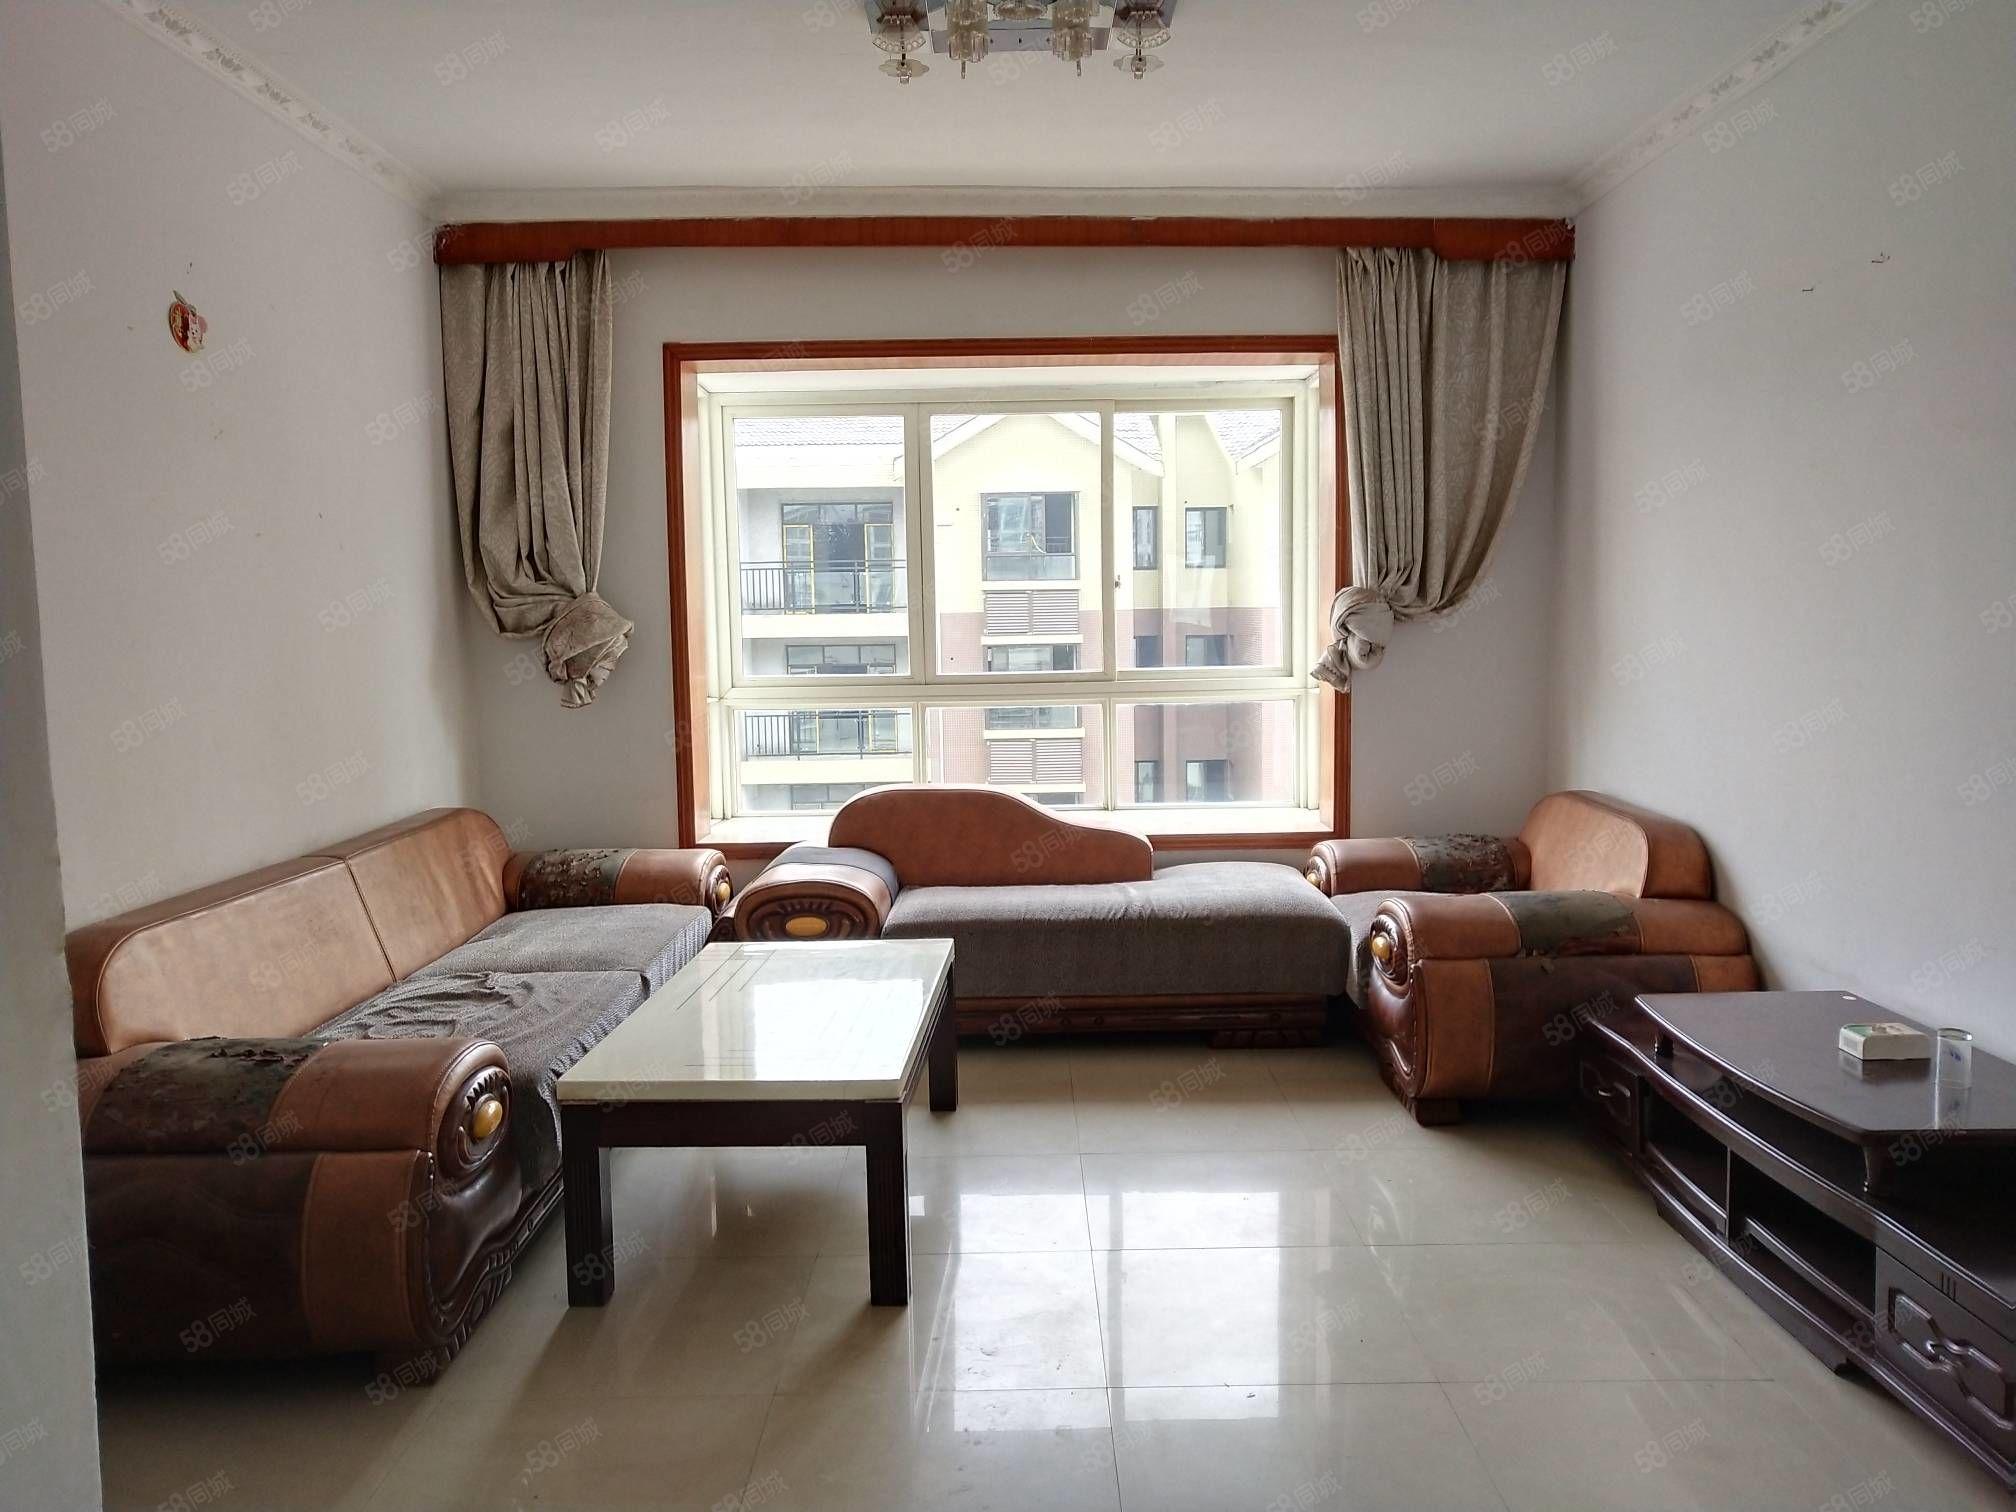 安居大市场旁翡翠绿洲5楼,小套三私人简装,双证齐全可按揭